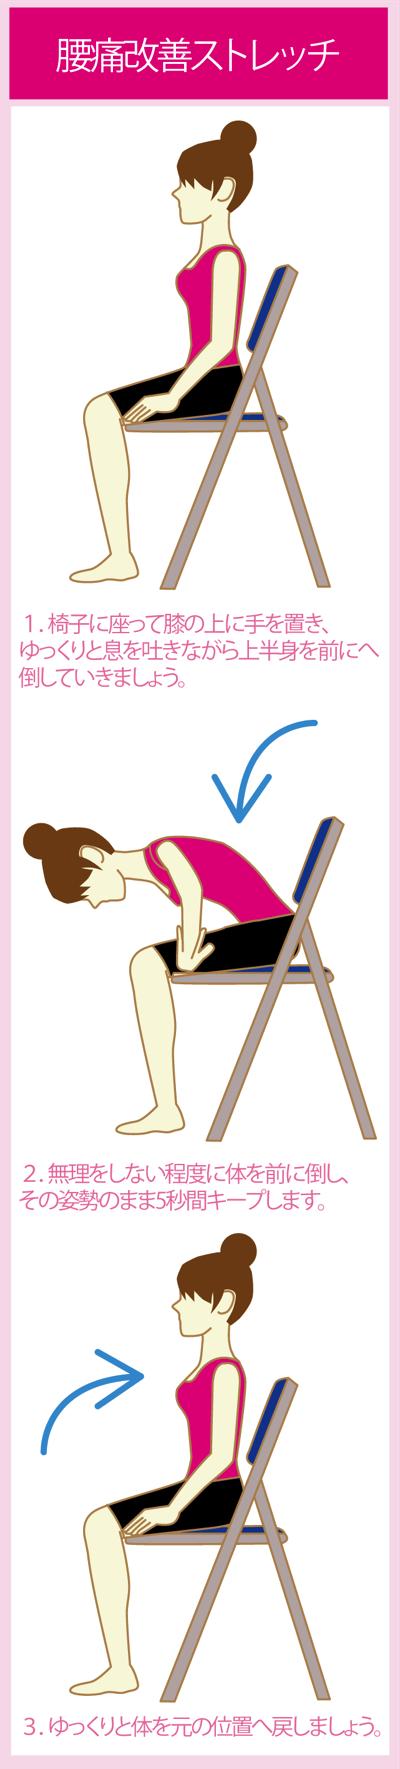 椅子に座ってできるストレッチ